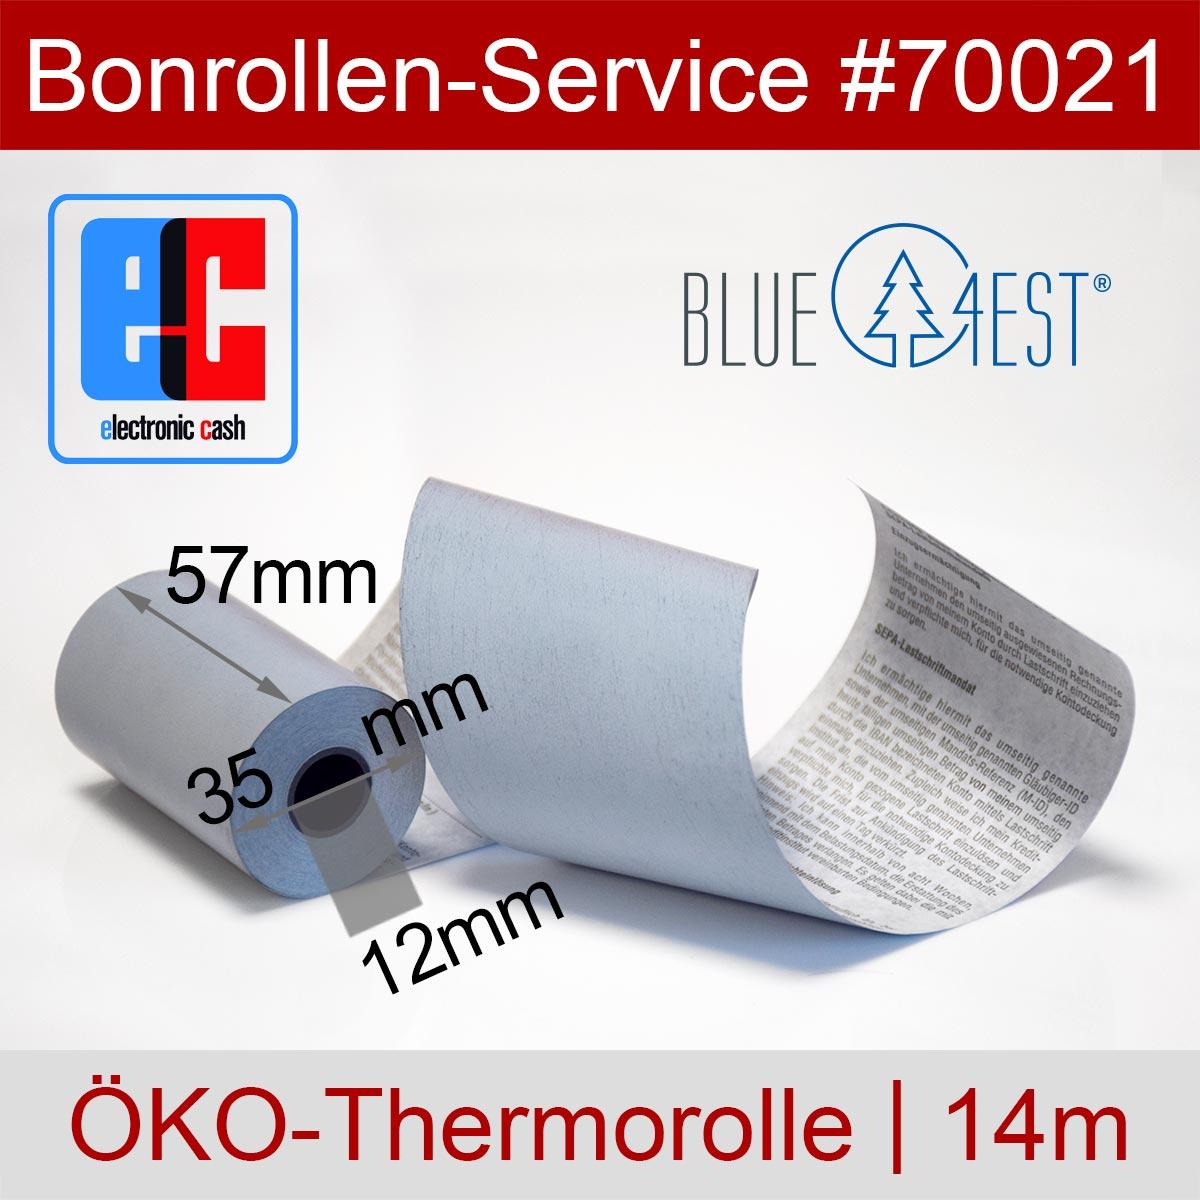 EC-Thermorollen Blue4est 57 / 14m / 12 mit Lastschrifttext, blau - Detailansicht